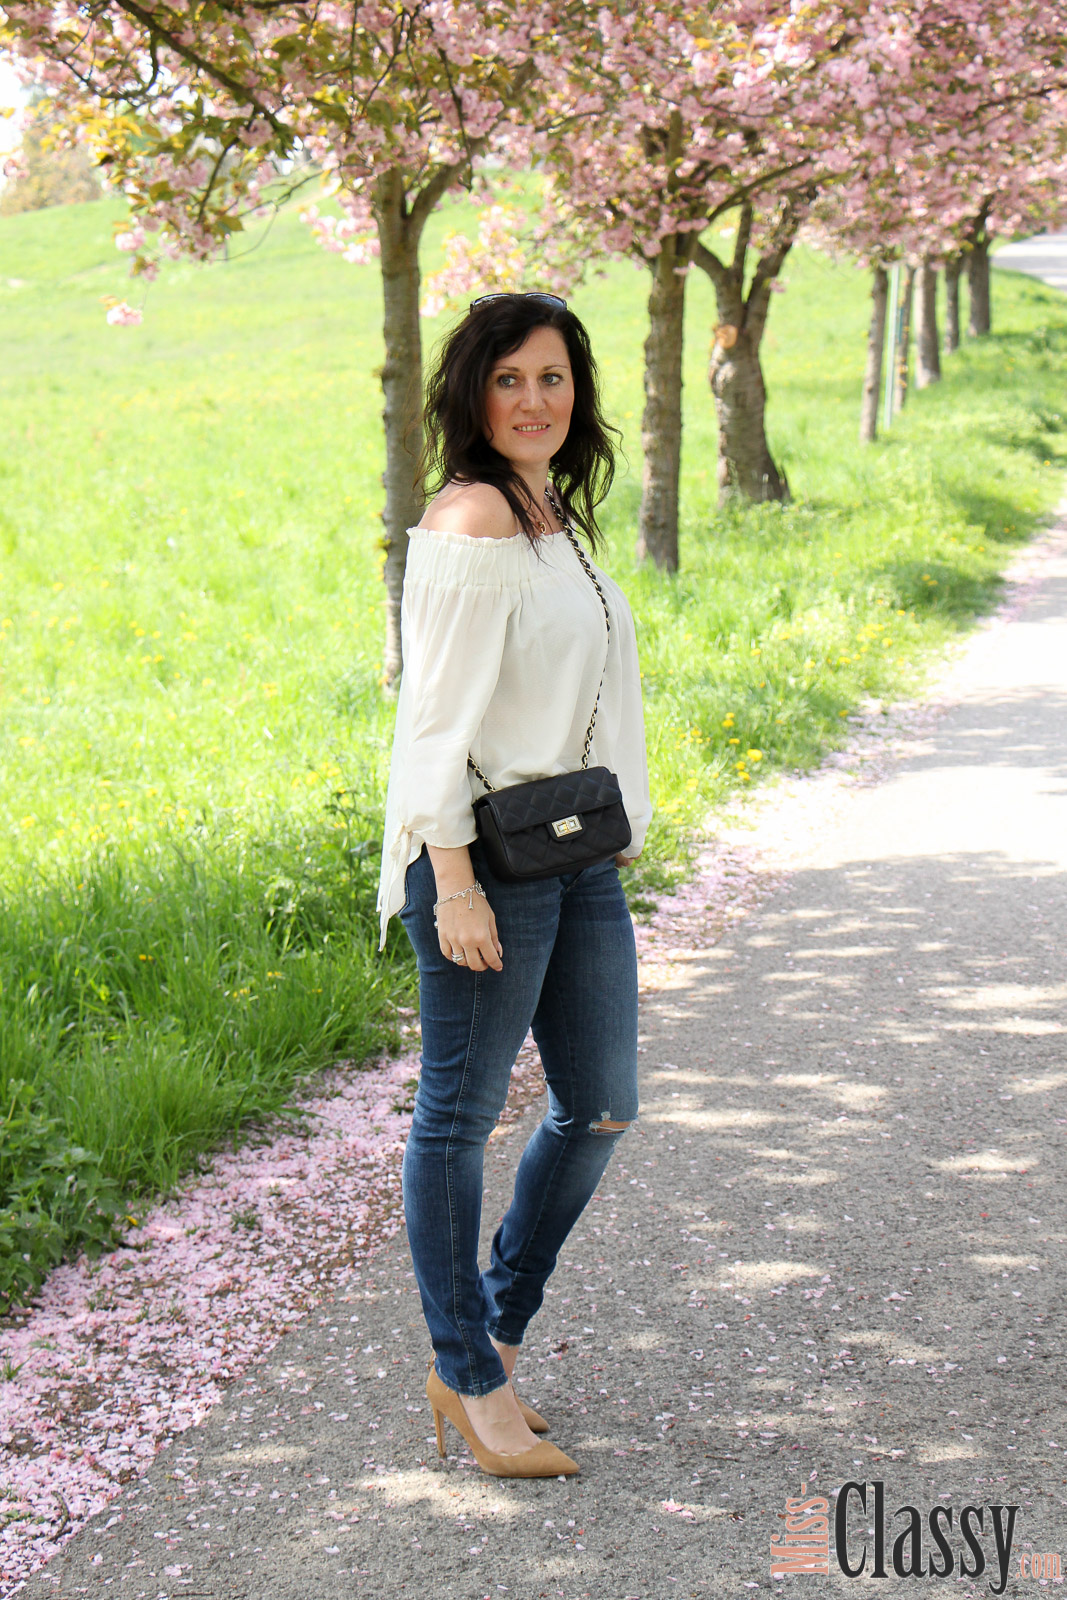 OUTFIT Kneecut-Jeans mit Offshoulder-Bluse von H&M und braunen Pumps von Zara, Miss Classy, miss-classy.com, Fashionblog, Fashionblogger, Fashionblog Graz, Lifestyleblog Graz, Graz, Steiermark, Österreich, classy, beclassy, classy Fashion, Outfit, Style, Fashion, Mode, OOTD, Kneecut-Jeans von H&M, Denim, Sonnebrille Burberry, Michael Kors, Off-Shoulder Bluse von H&M, Pumps von Zara, braune Pumps, Frühling, Alles blüht, Rosenhain, Rosenhain Graz, Kirschblüten, Zierkirsche